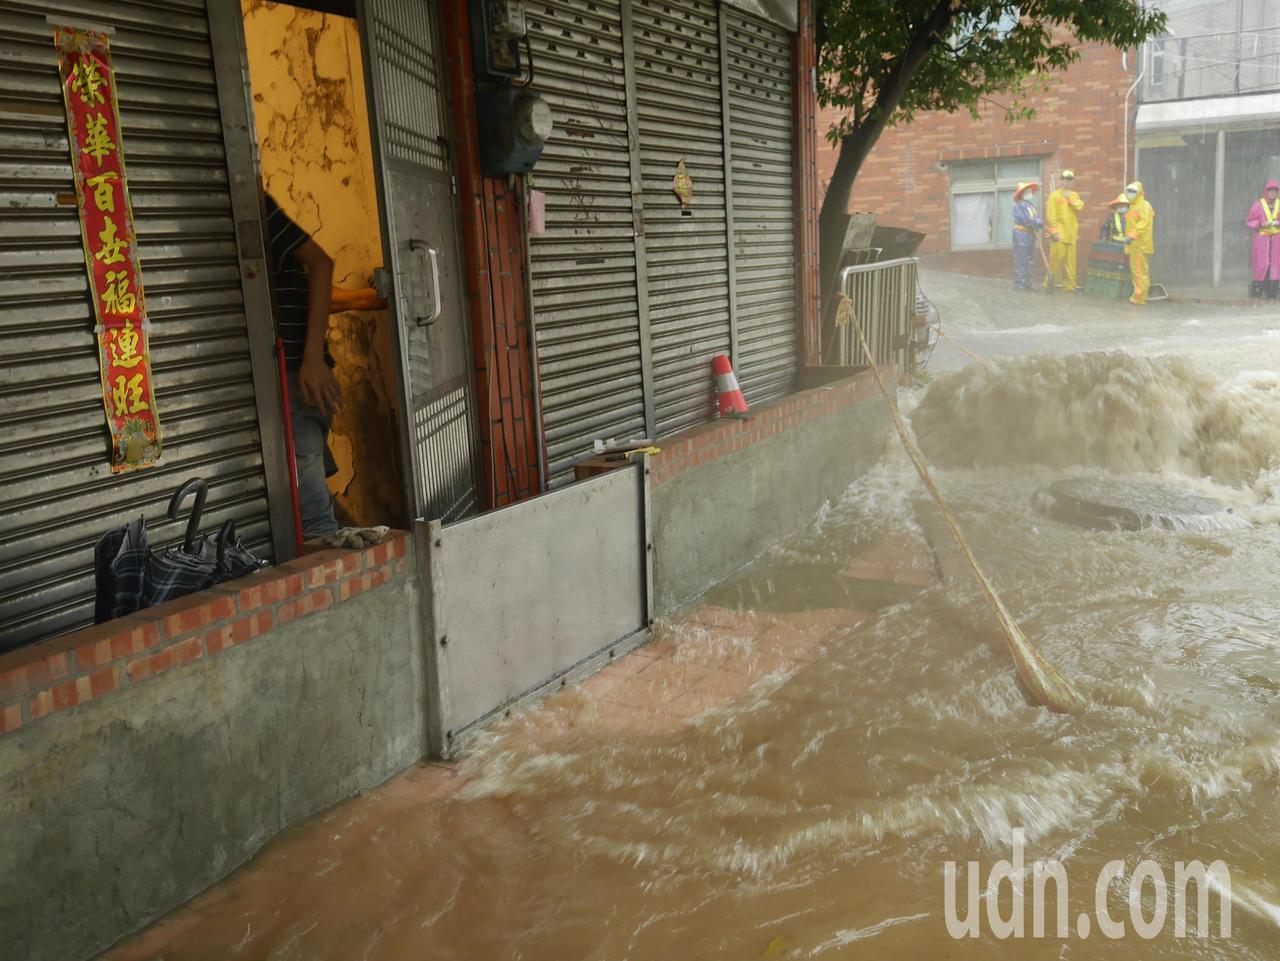 這場豪大雨,造成基隆市復興路212巷三度淹水。記者吳淑君/攝影